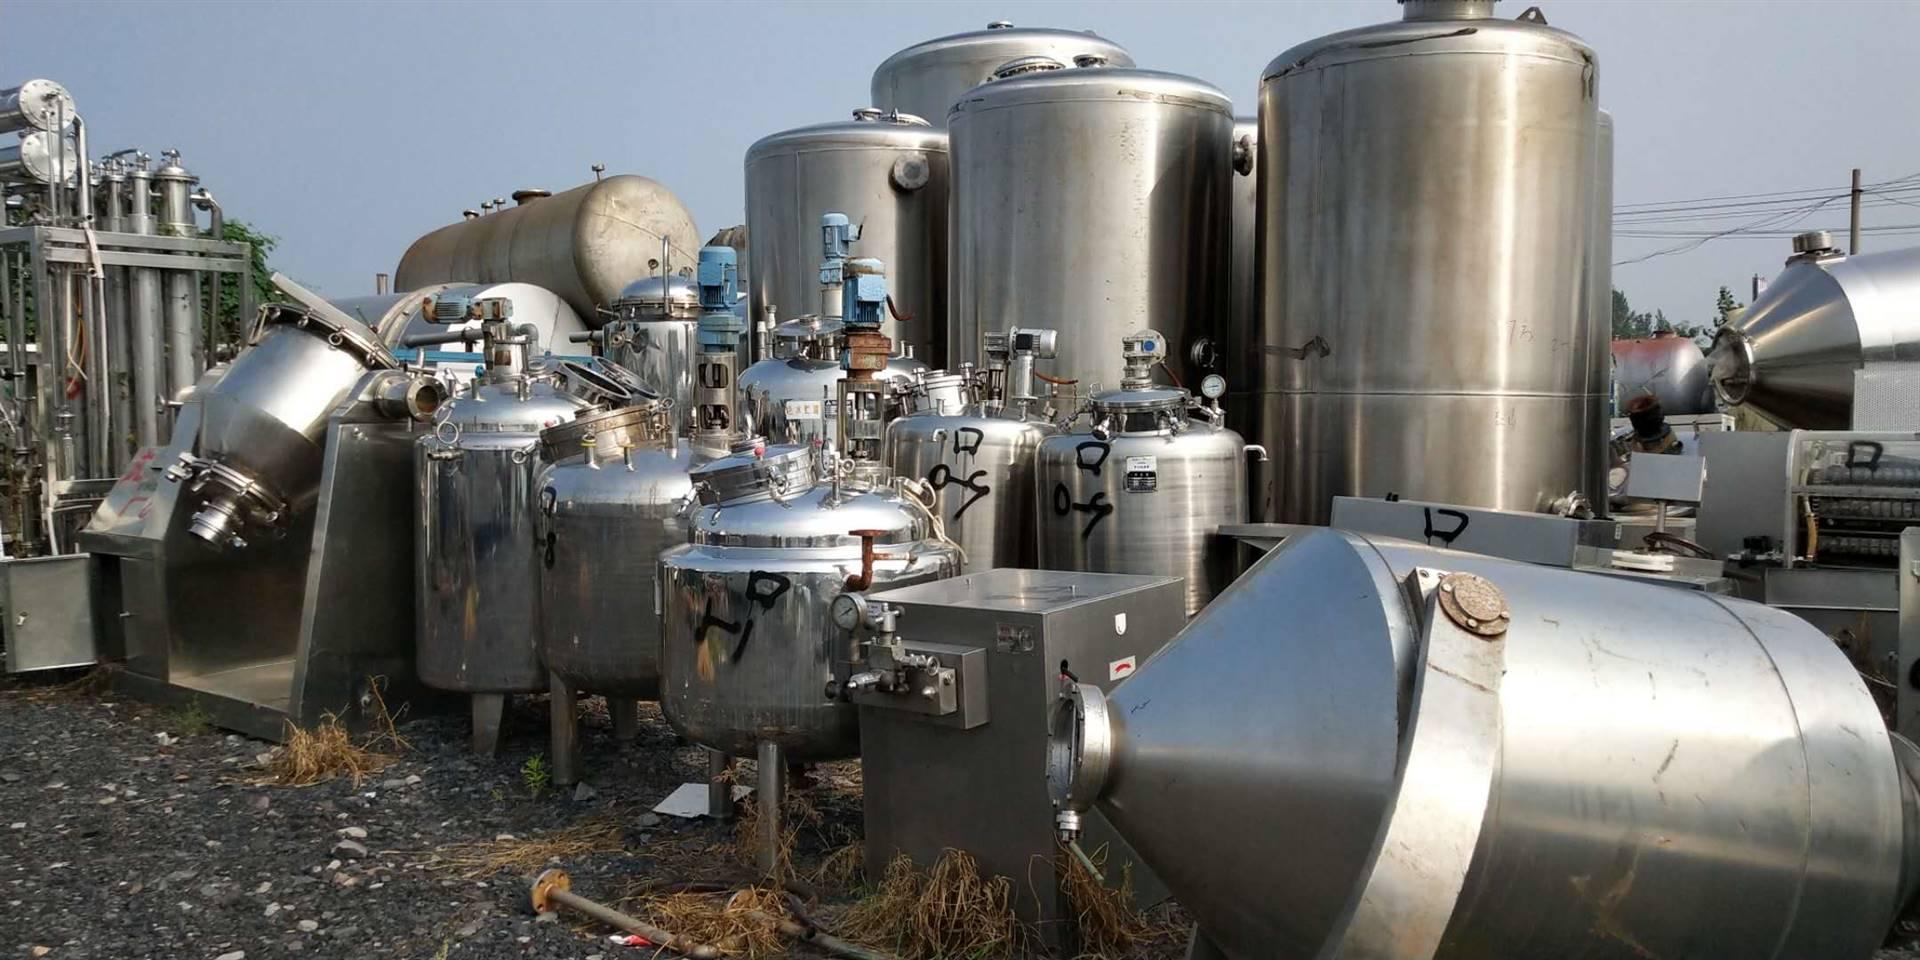 浙江不锈钢发酵罐  不锈钢发酵罐厂家价格 磁力不锈钢发酵罐